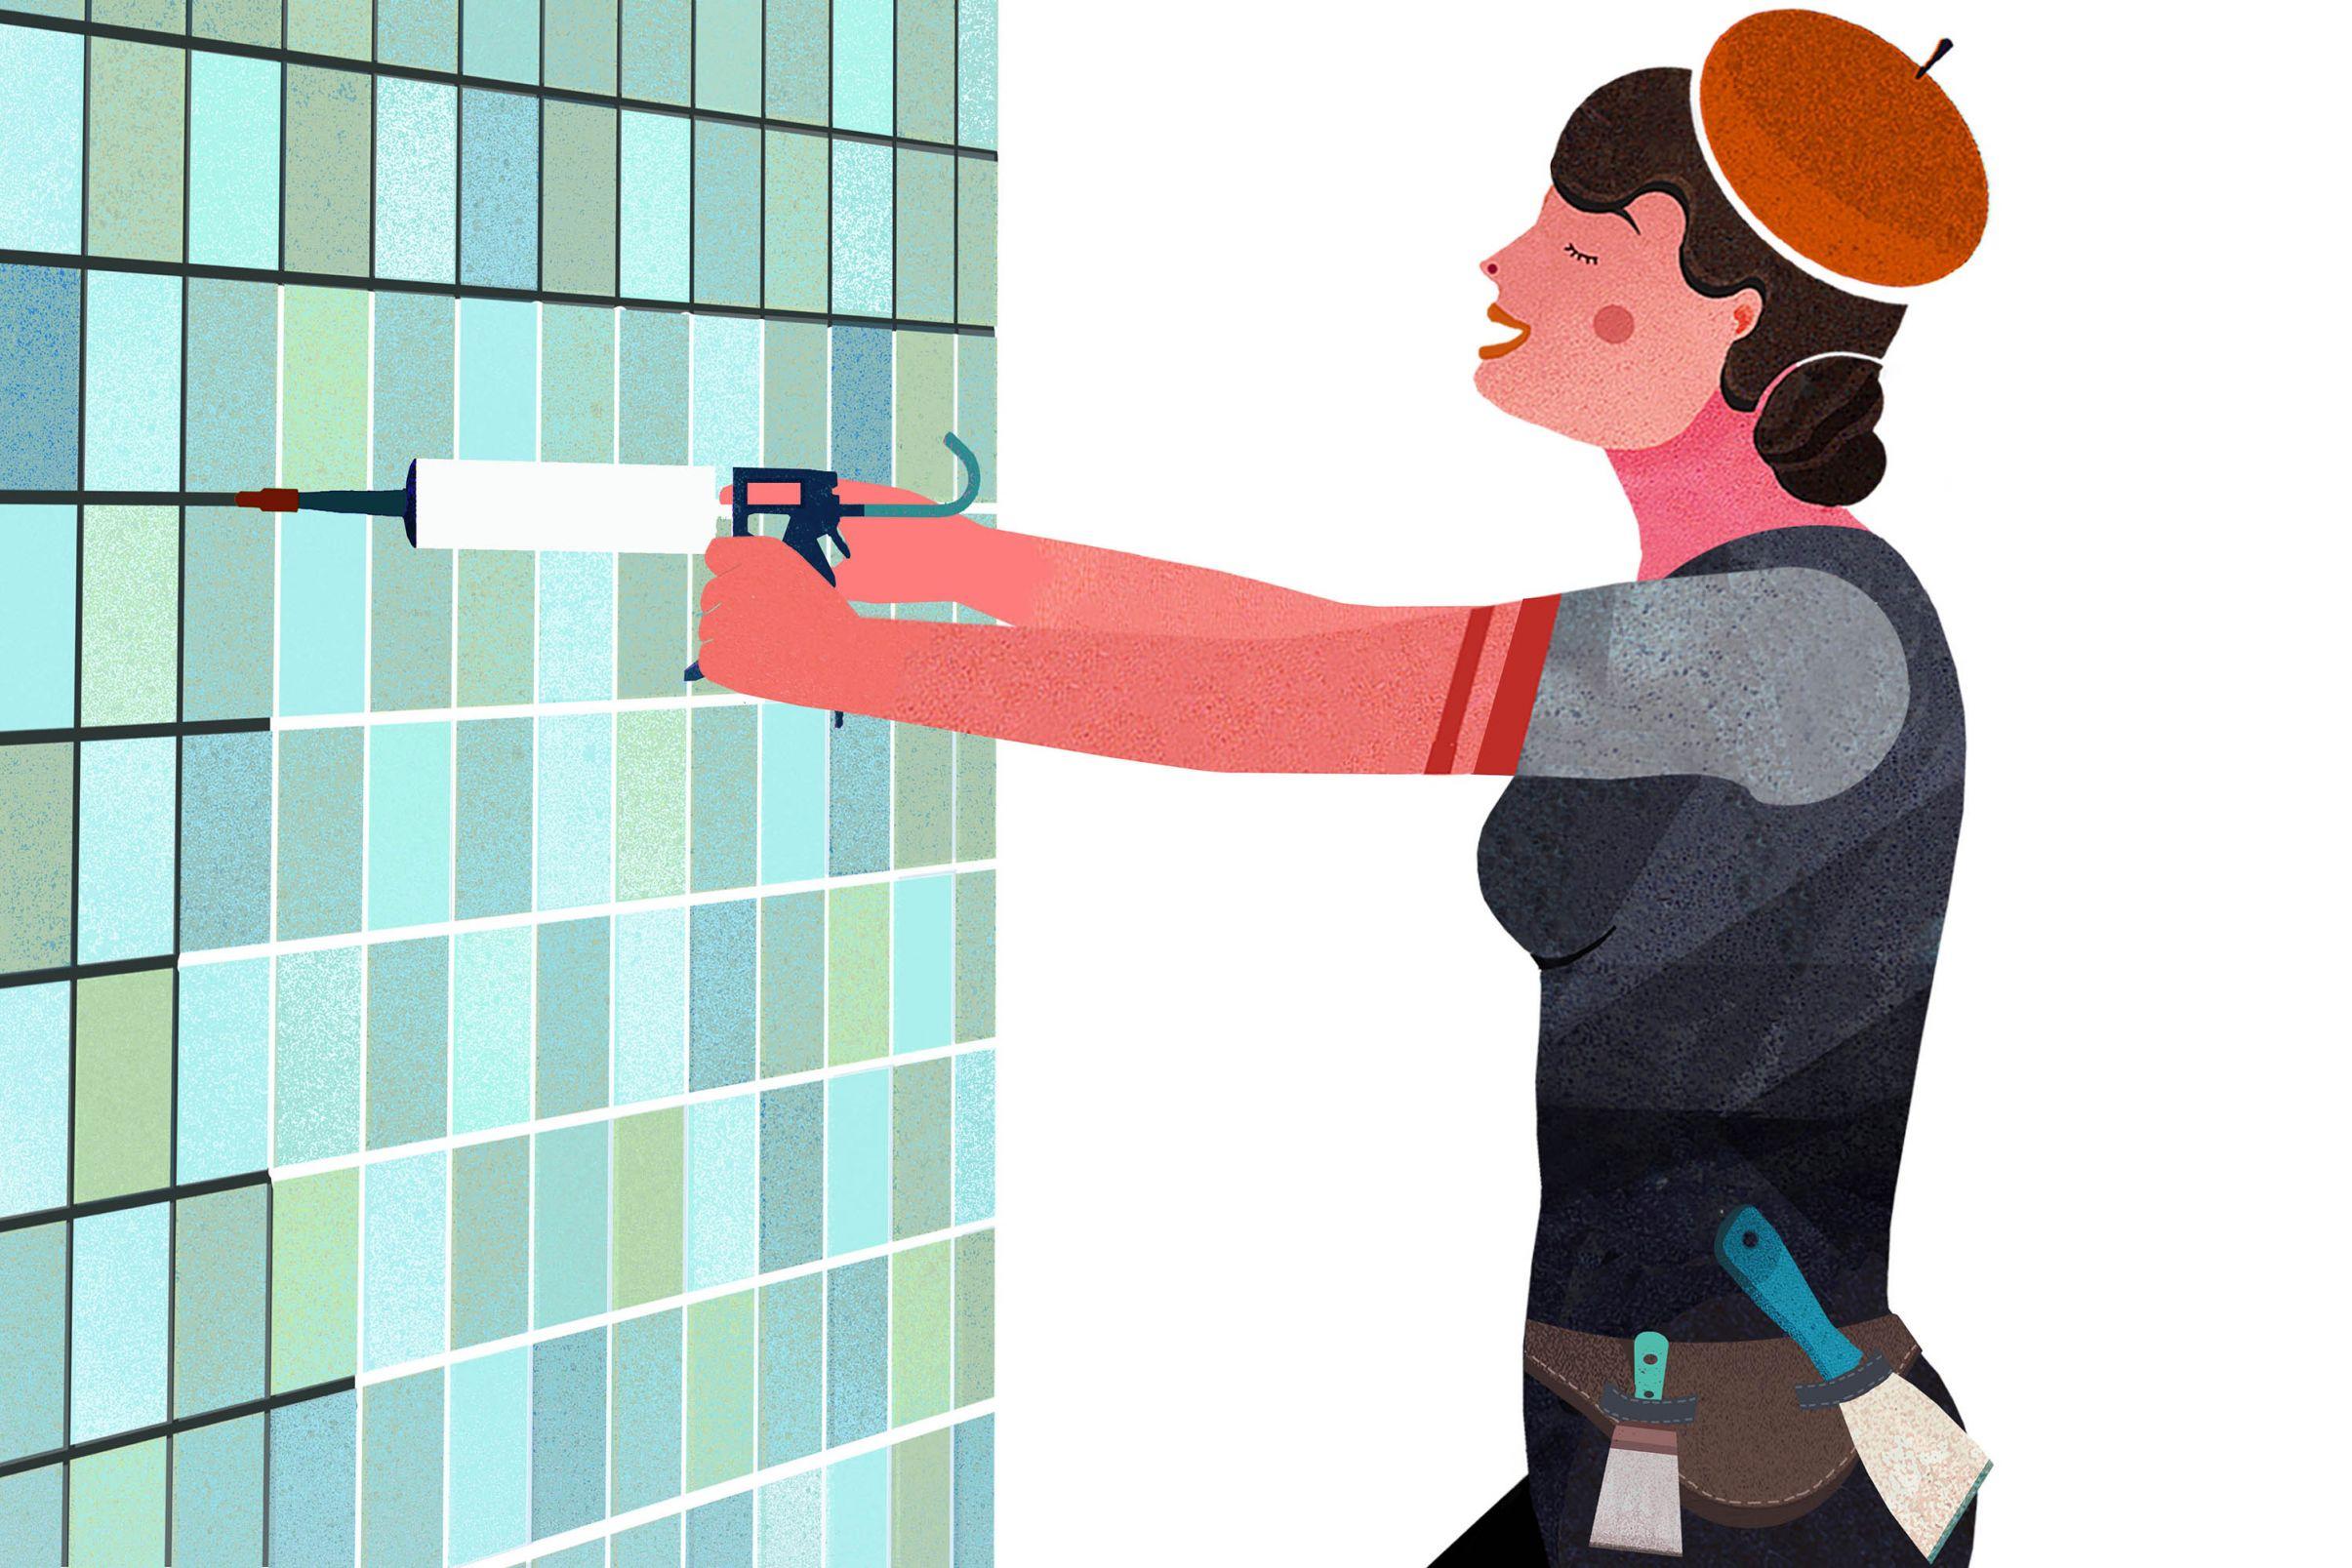 Como-colocar-papel-de-parede-no-banheiro-Preencha-o-rejunte-nivele-o-enchimento-e-lixe-os-azulejos-com-lixa